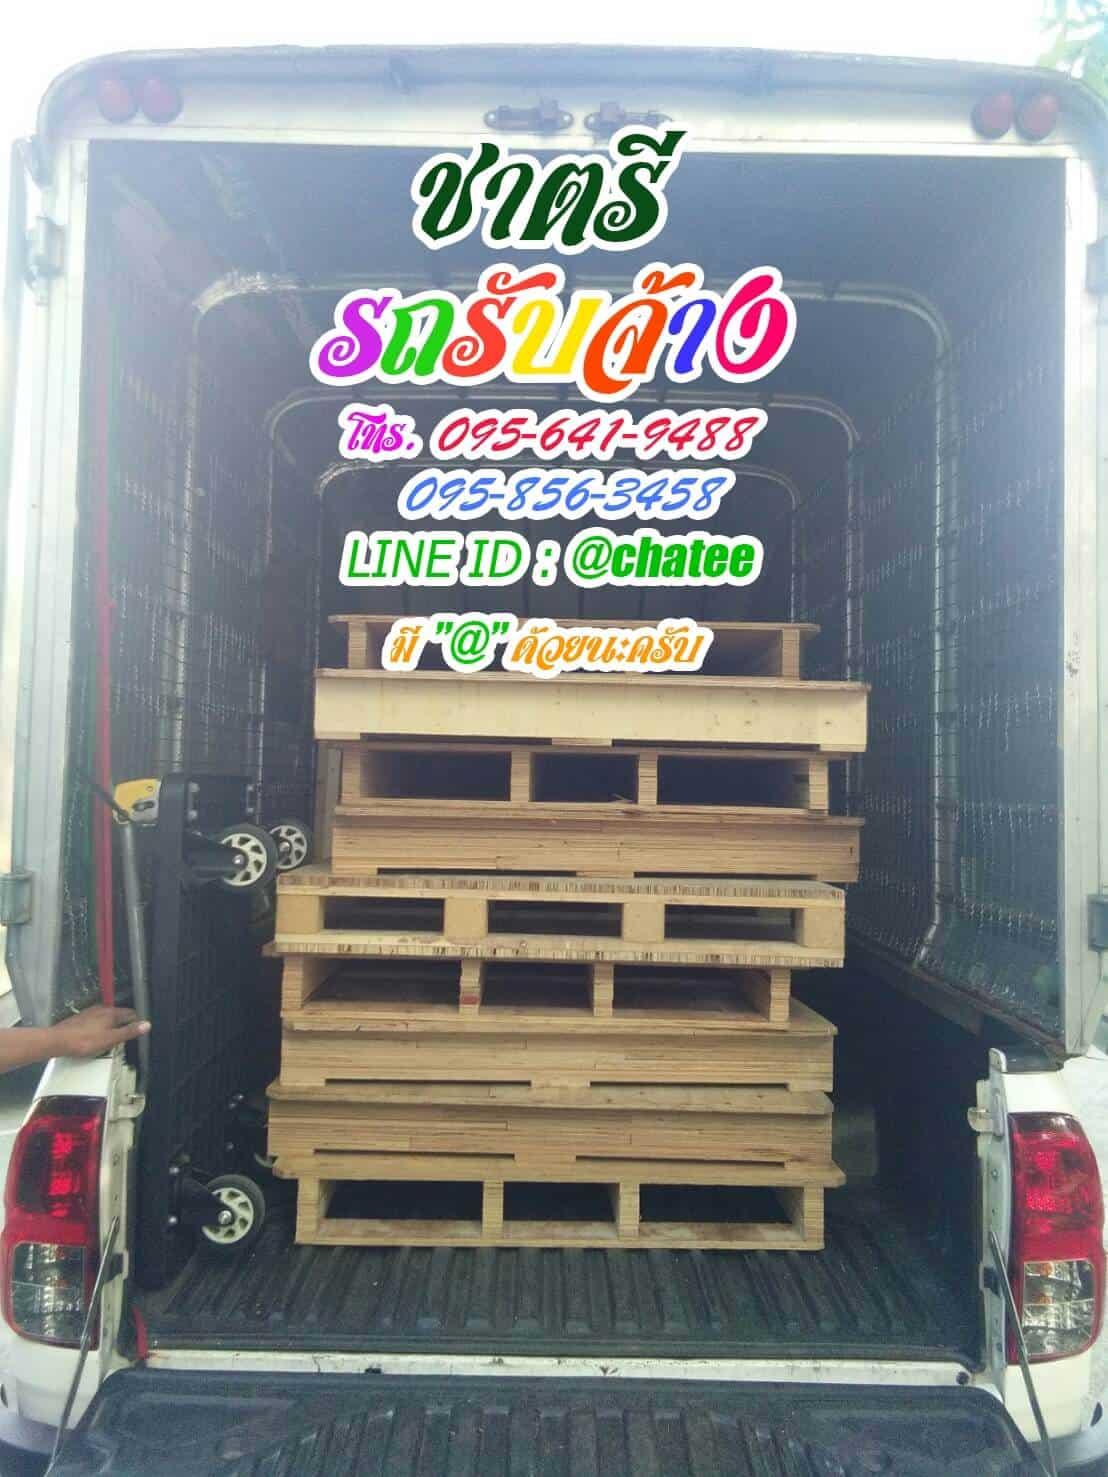 รถรับจ้างขนของขนของย้ายหอด่วนจากพระรามห้าไปแถวธัญบุรี